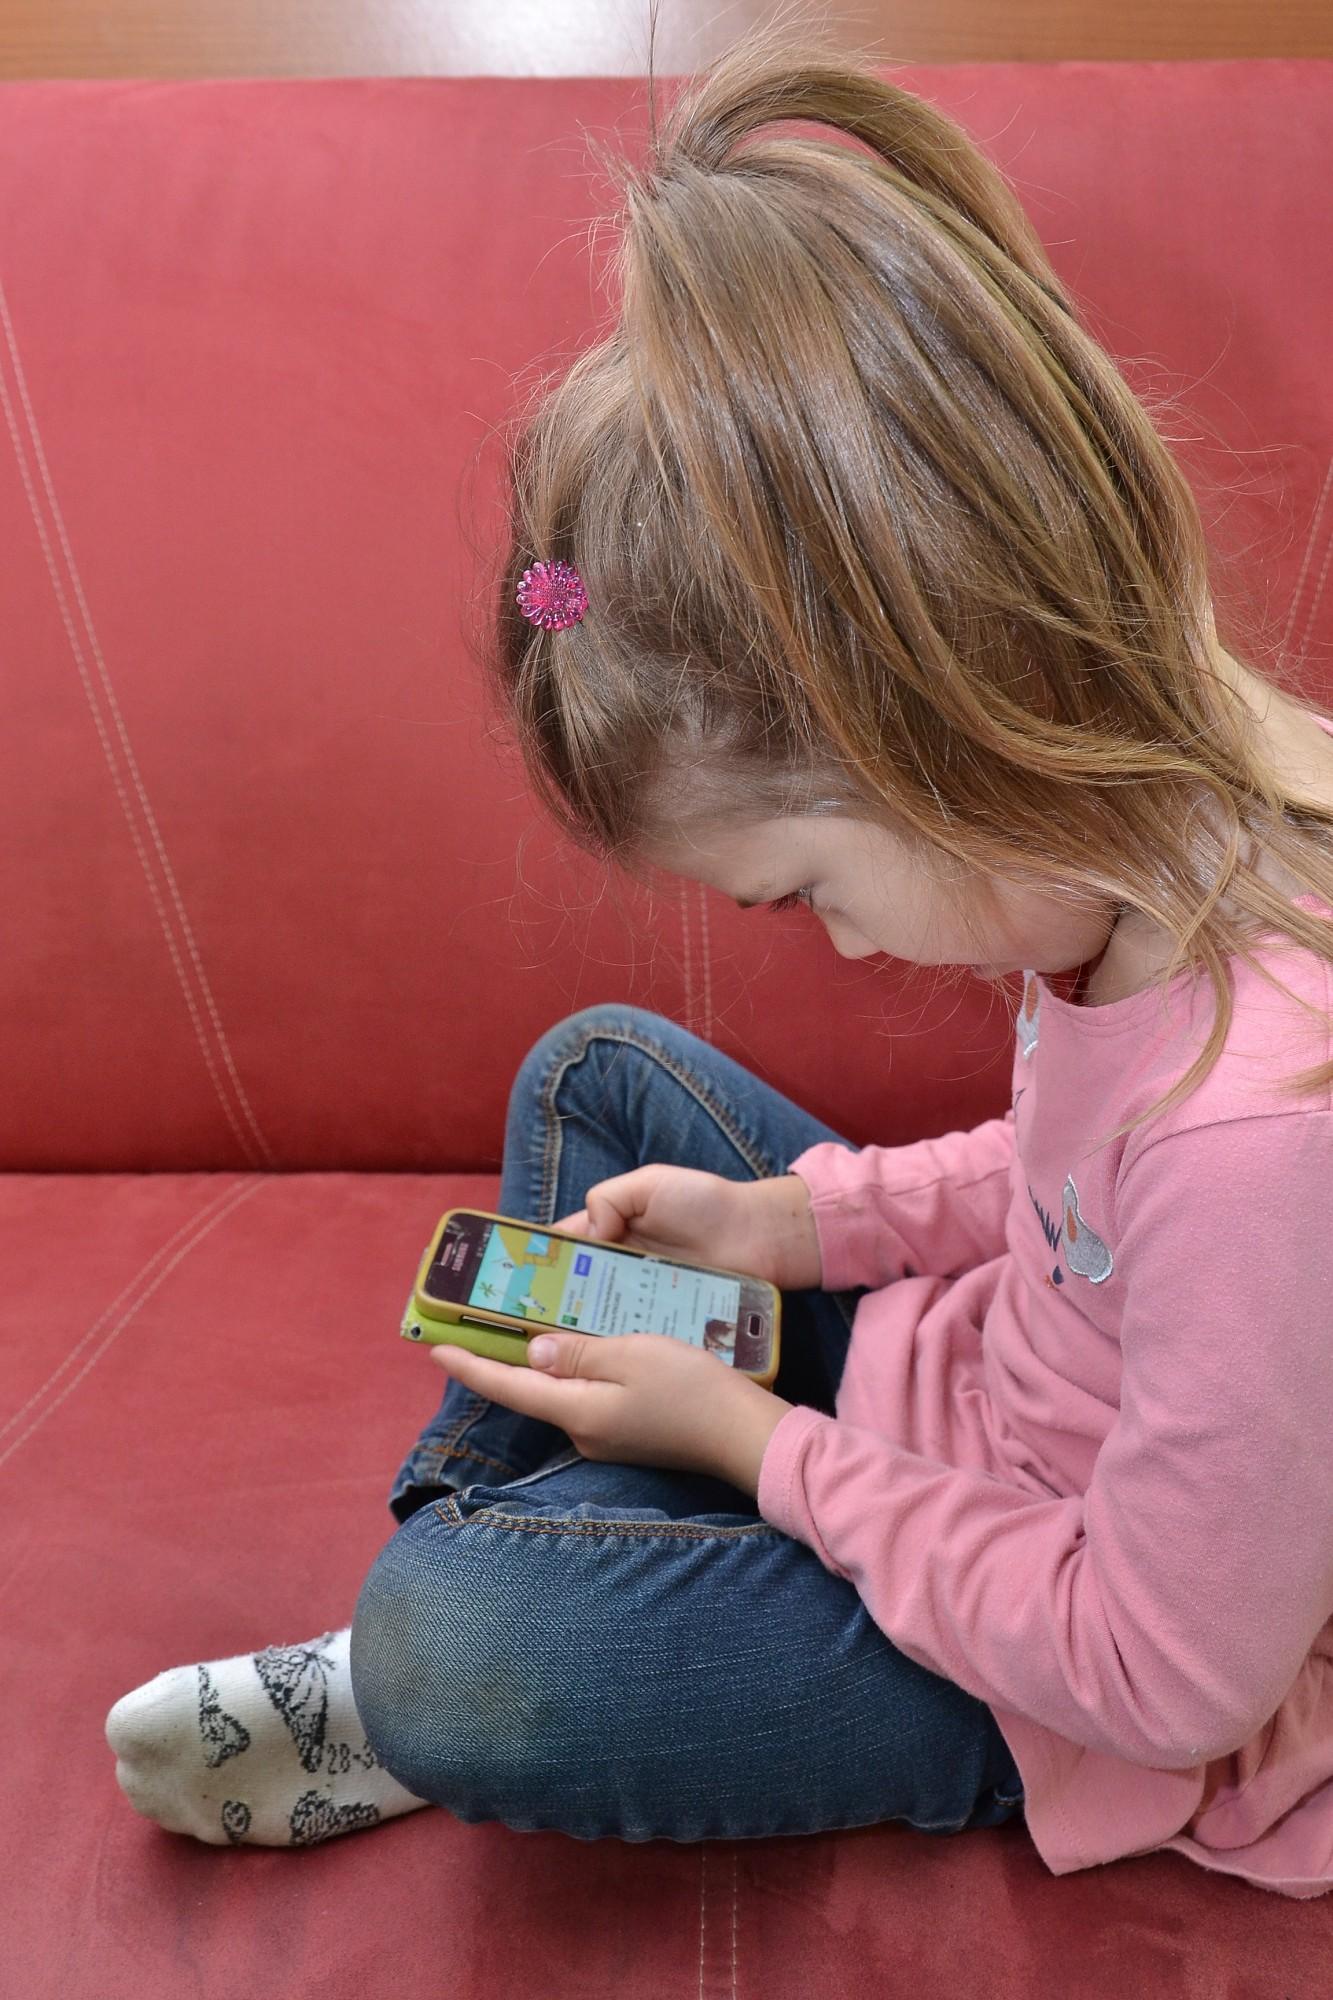 Vislabāk mācīt ar savu piemēru. Vecākiem ir jābūt bērna galvenajiem padomdevējiem digitālās pratības jautājumos